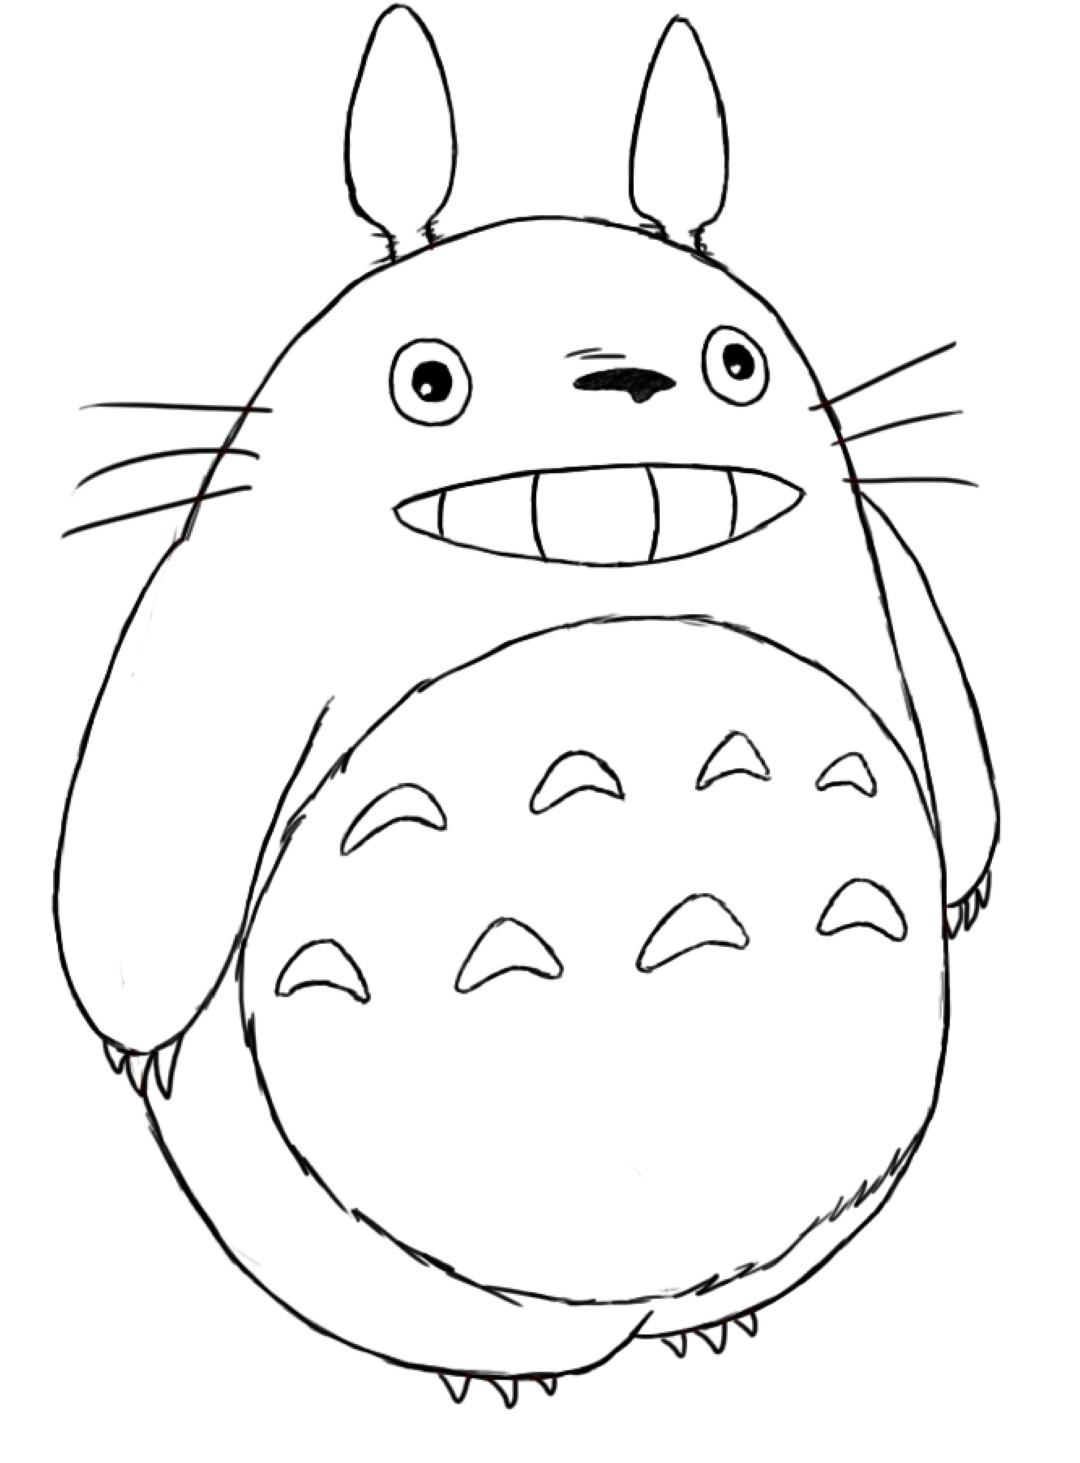 fanboy y chum chum dibujos - Clip Art Library | 1463x1080